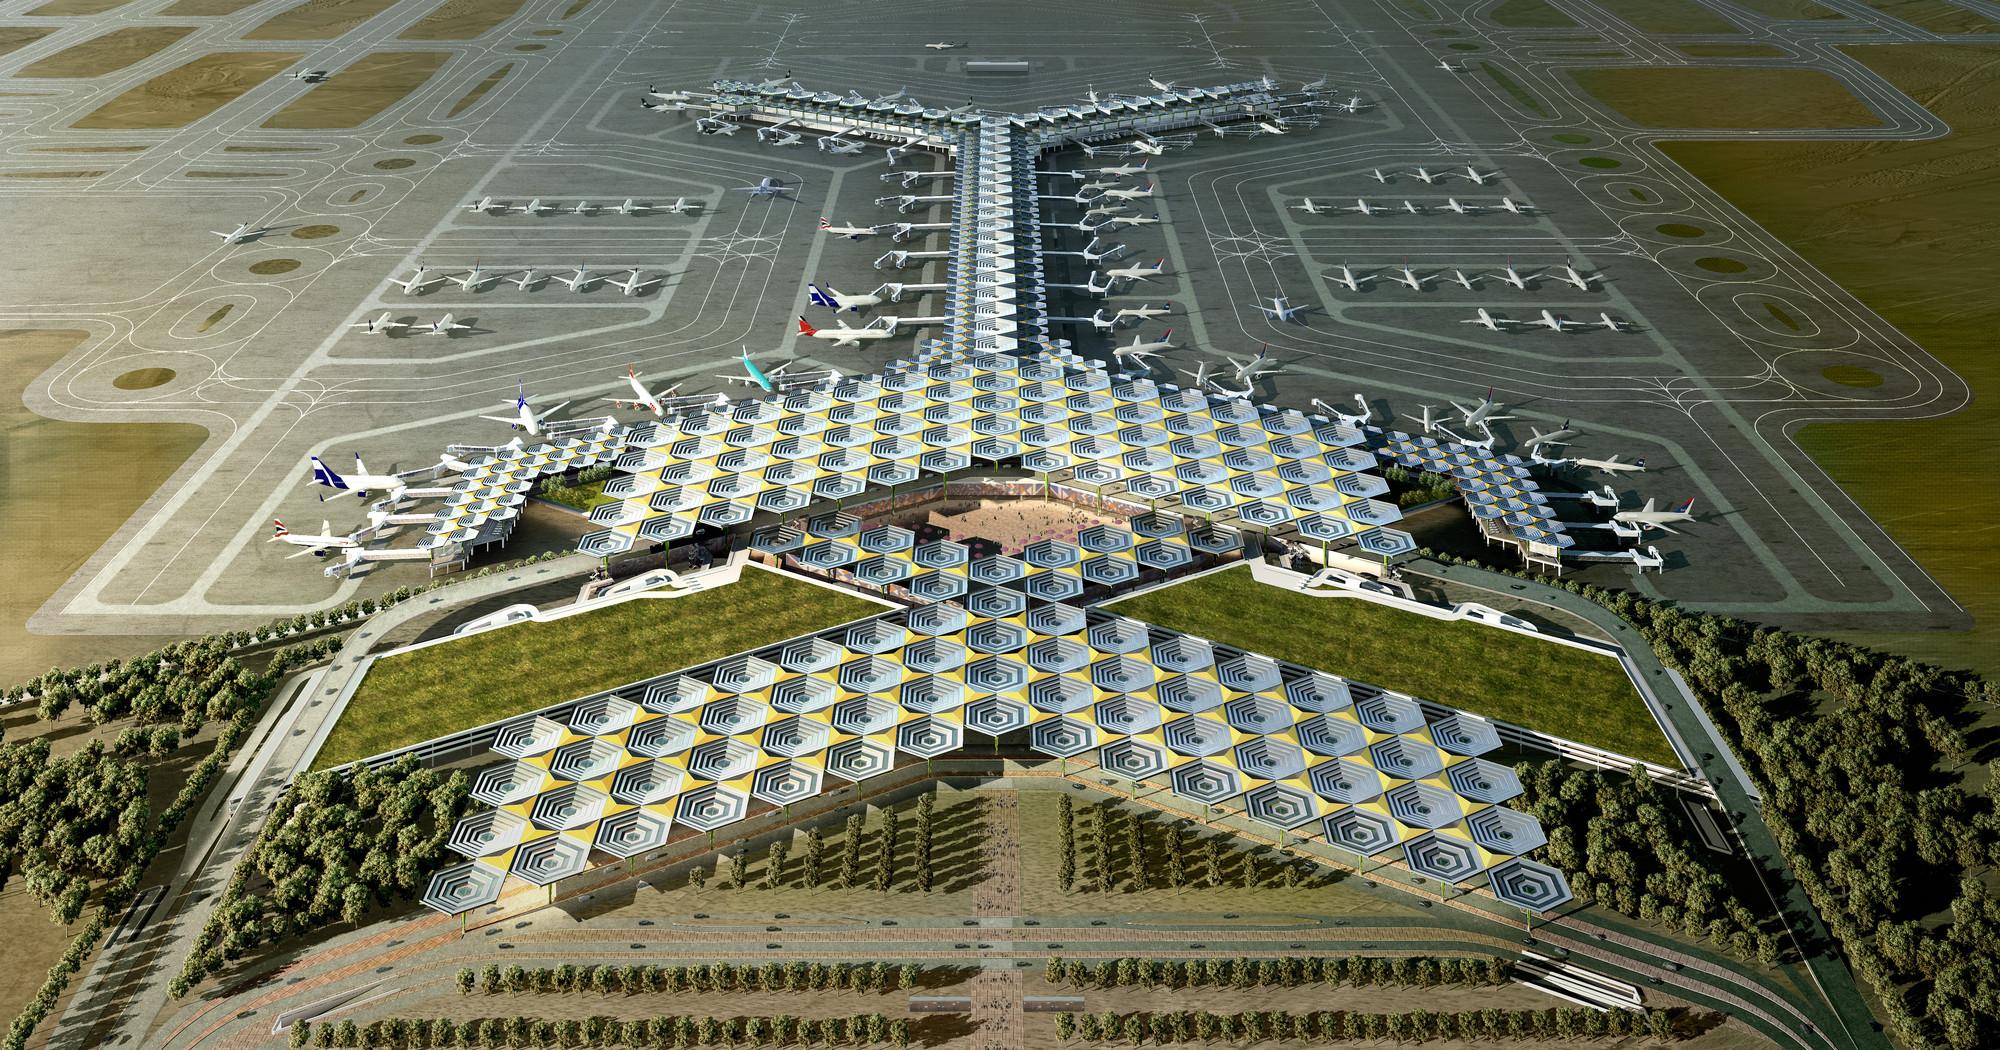 Galer a de propuesta de legorogers para el dise o del for Puerta 6 aeropuerto ciudad mexico